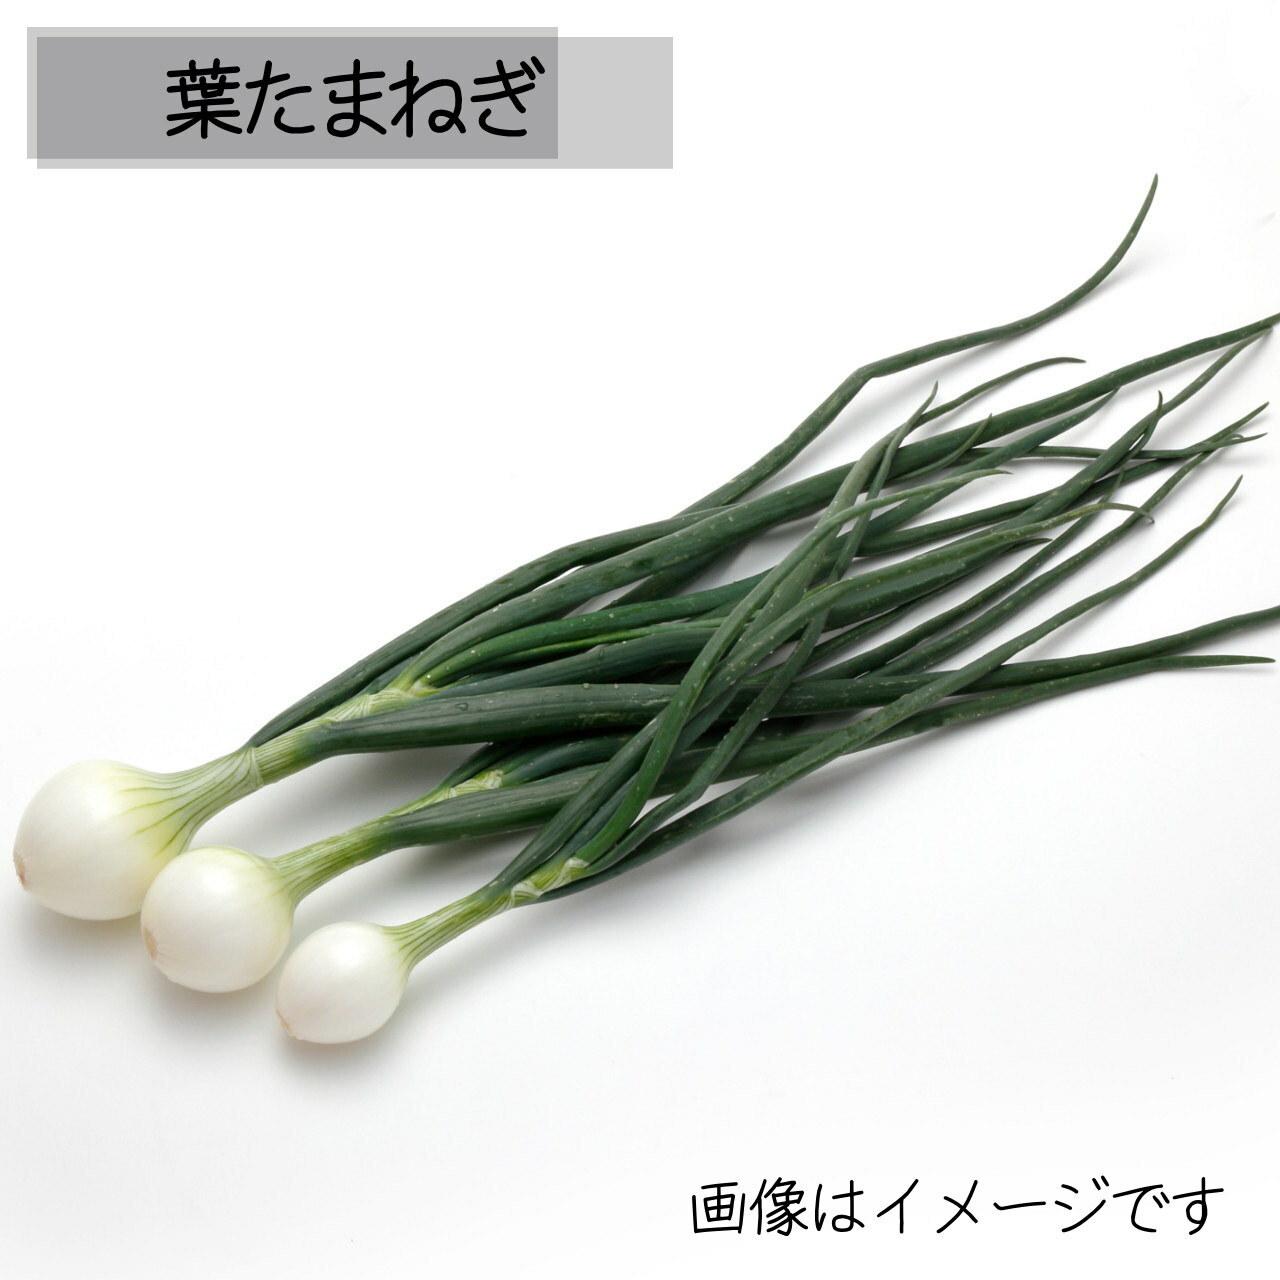 葉たまねぎ 5月の朝採り直売野菜 春の新鮮野菜 5月2日発送予定